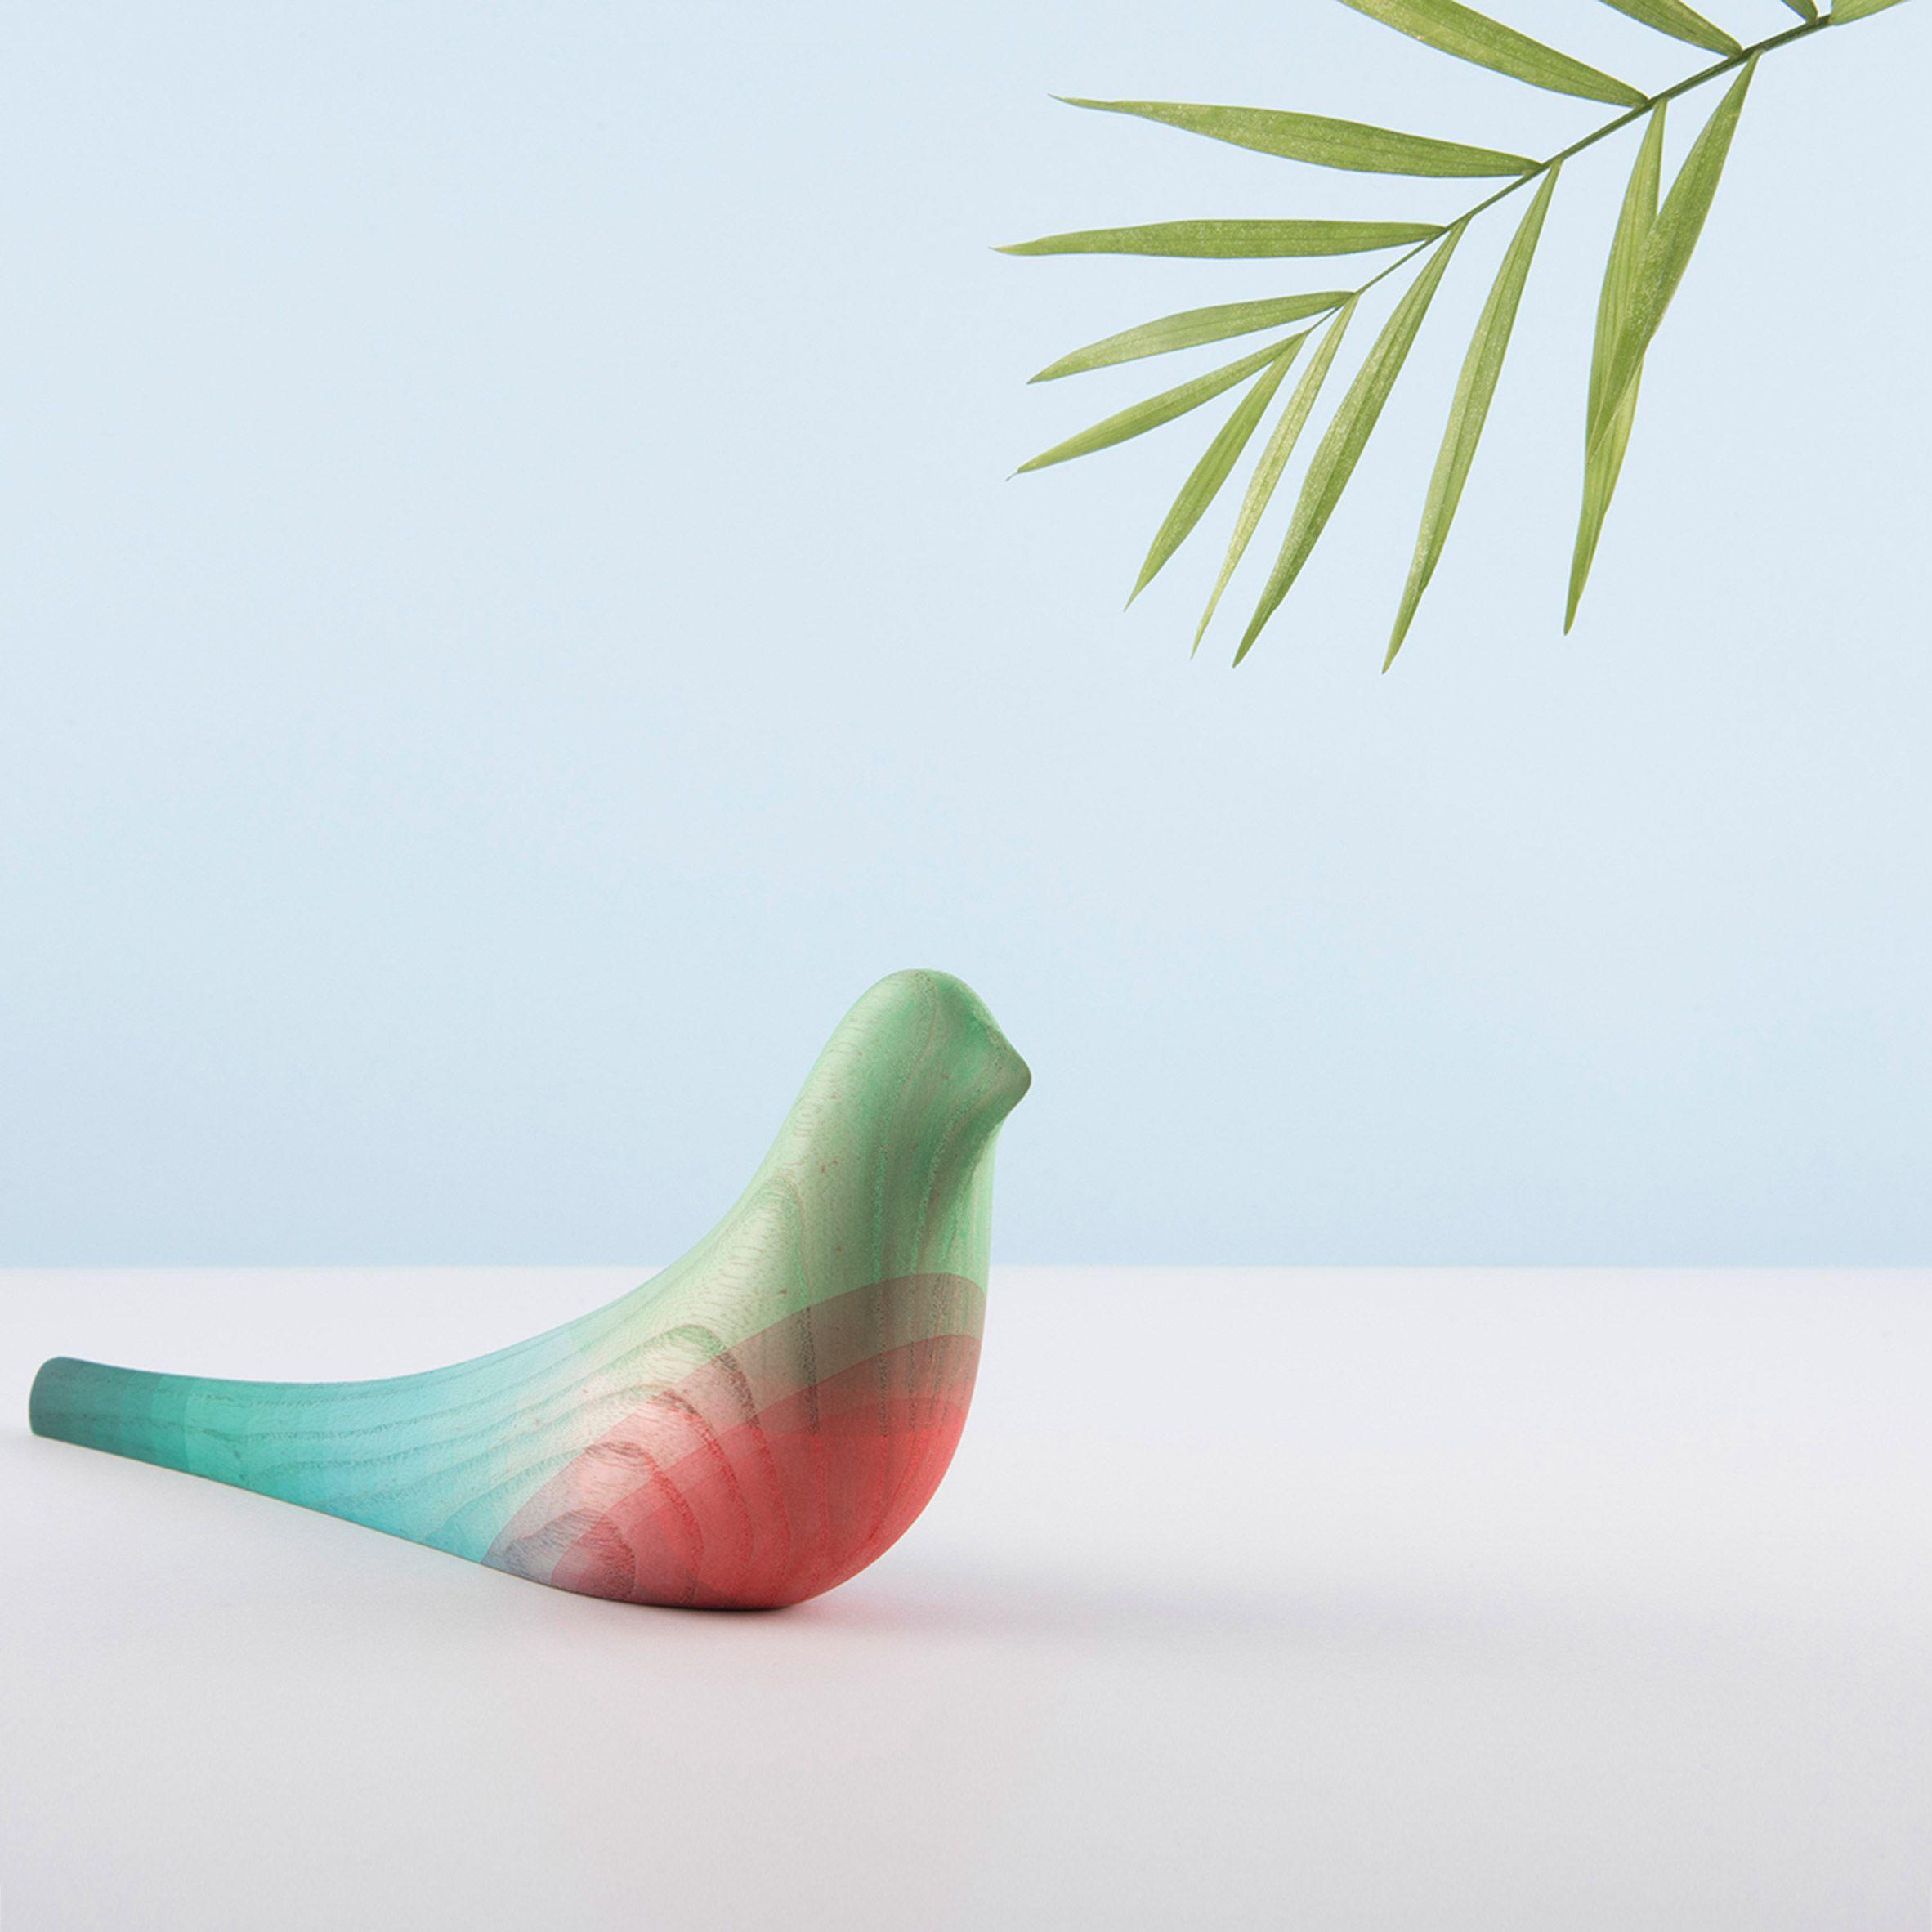 Ampoule laureen luhn design graphique - Dips